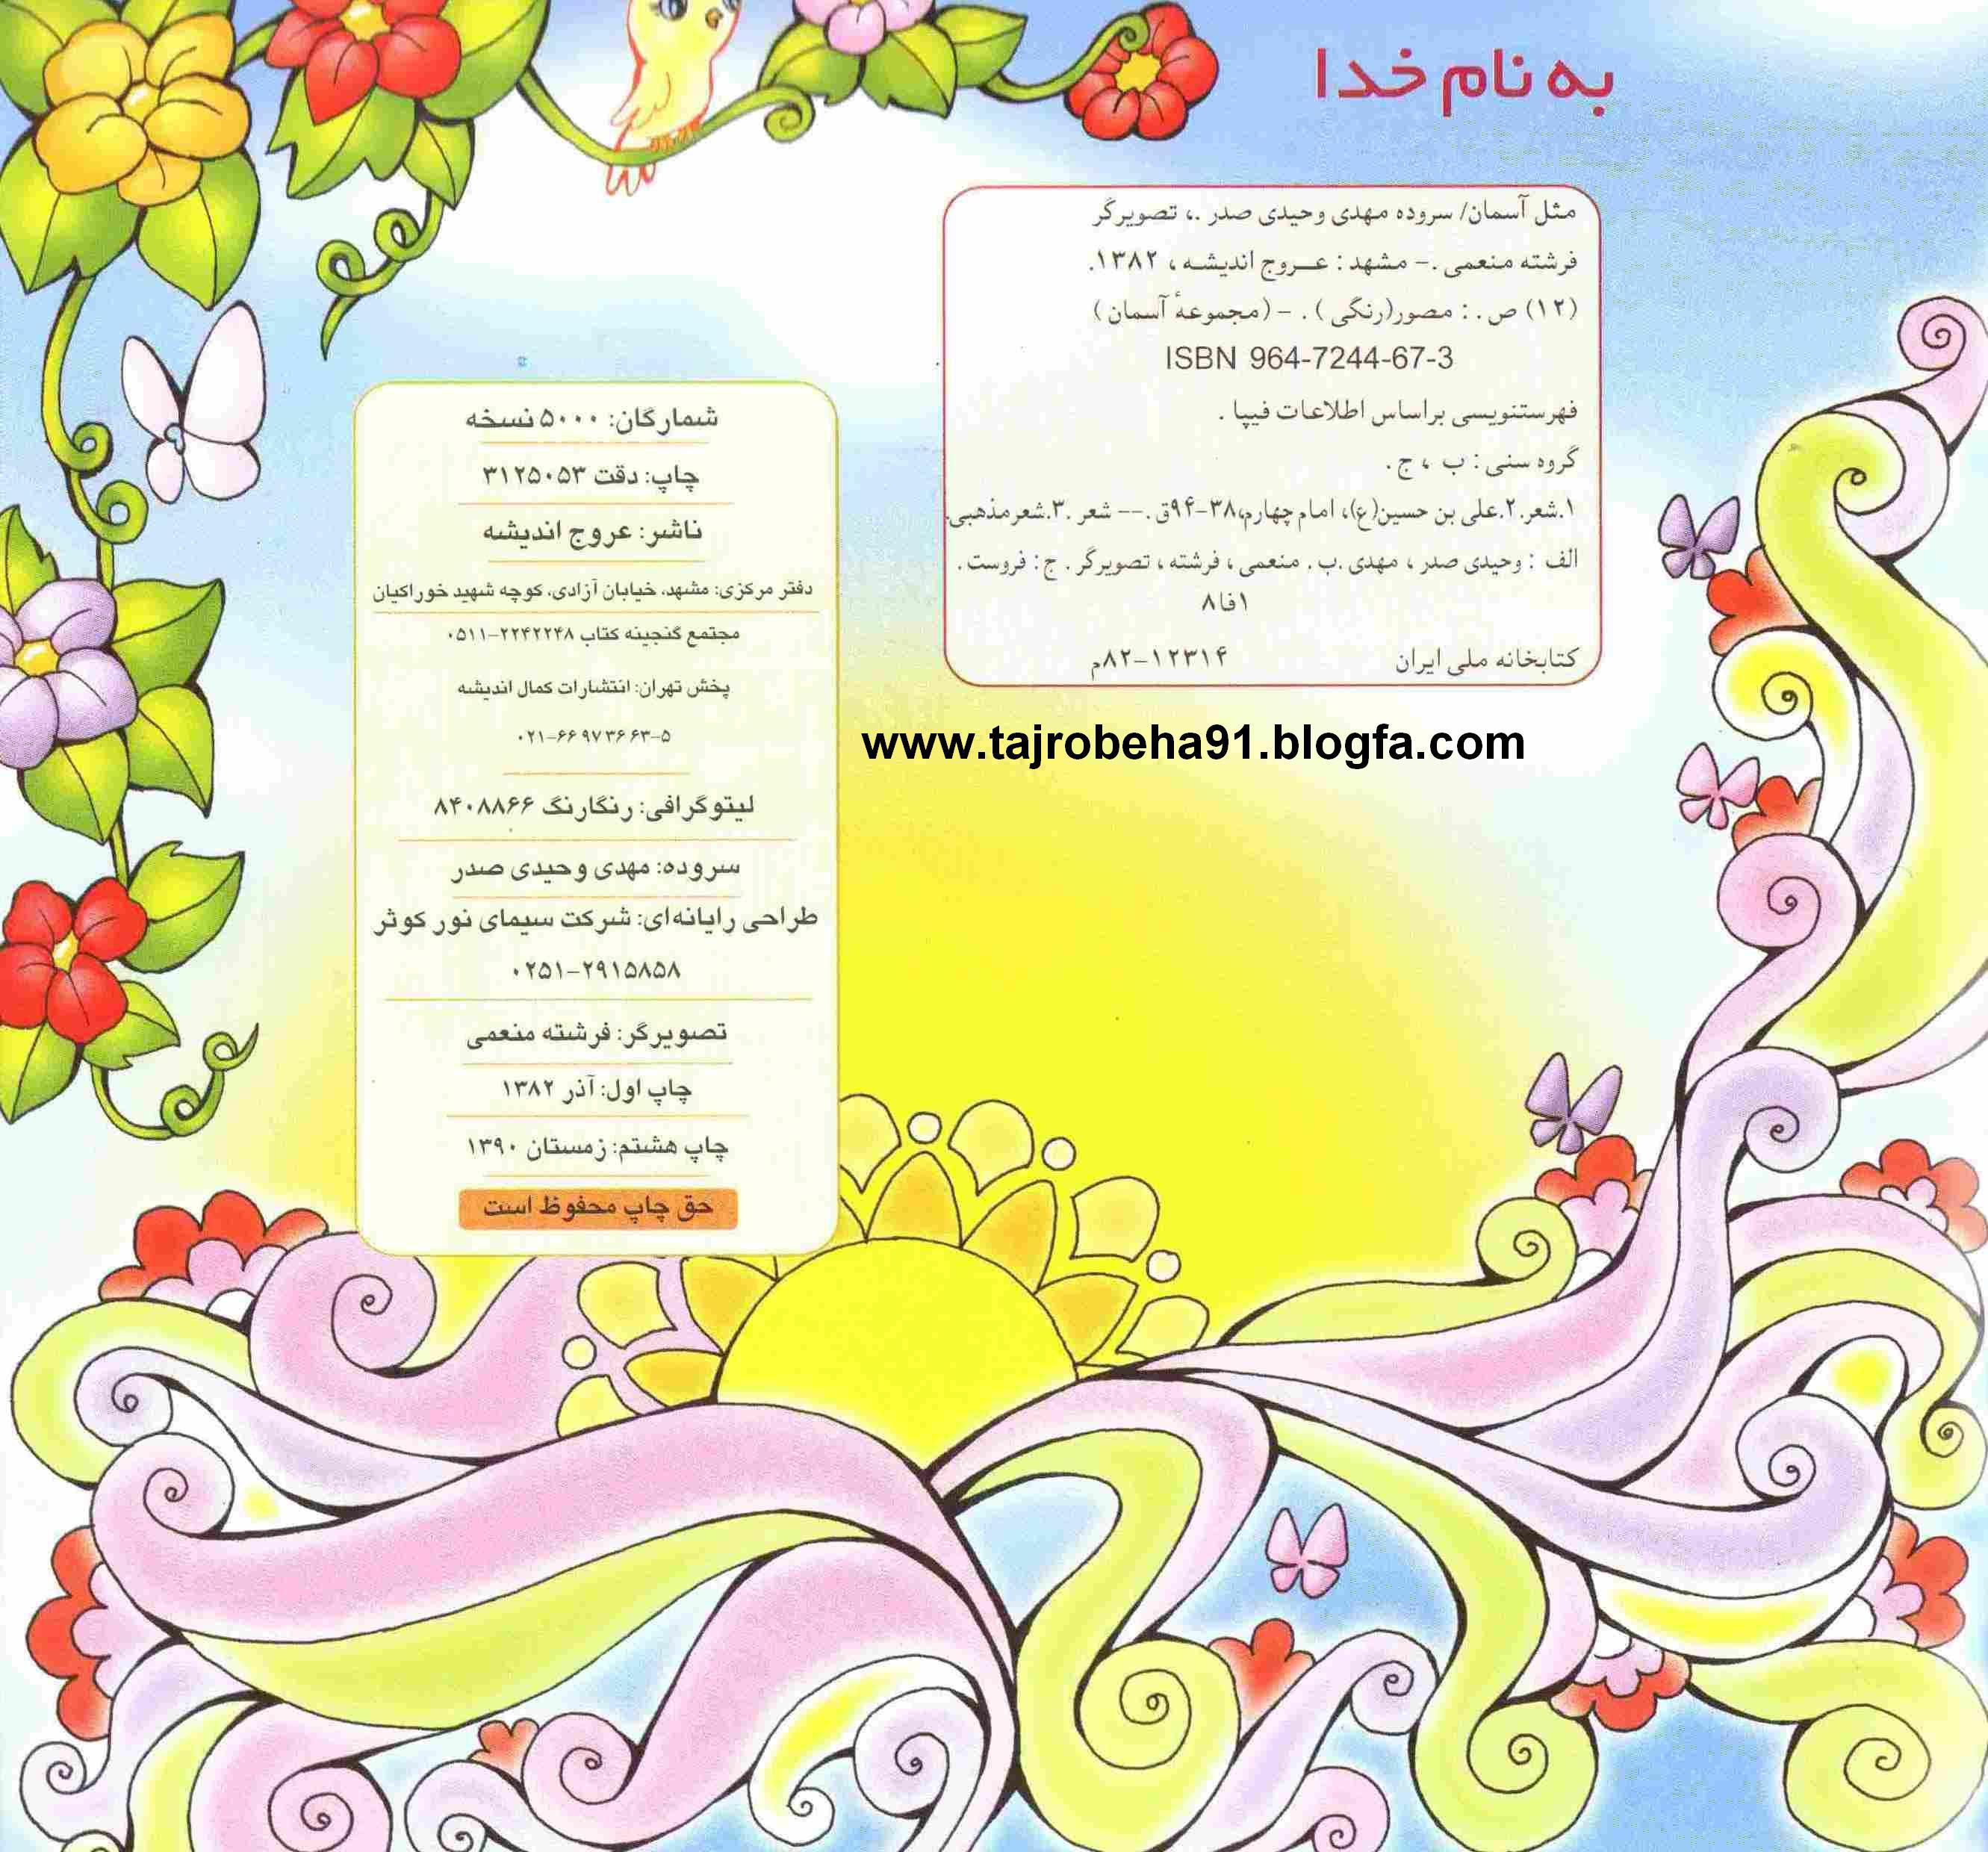 مجموعه آسمان کاری ازآقای مهدی وحیدی صدر